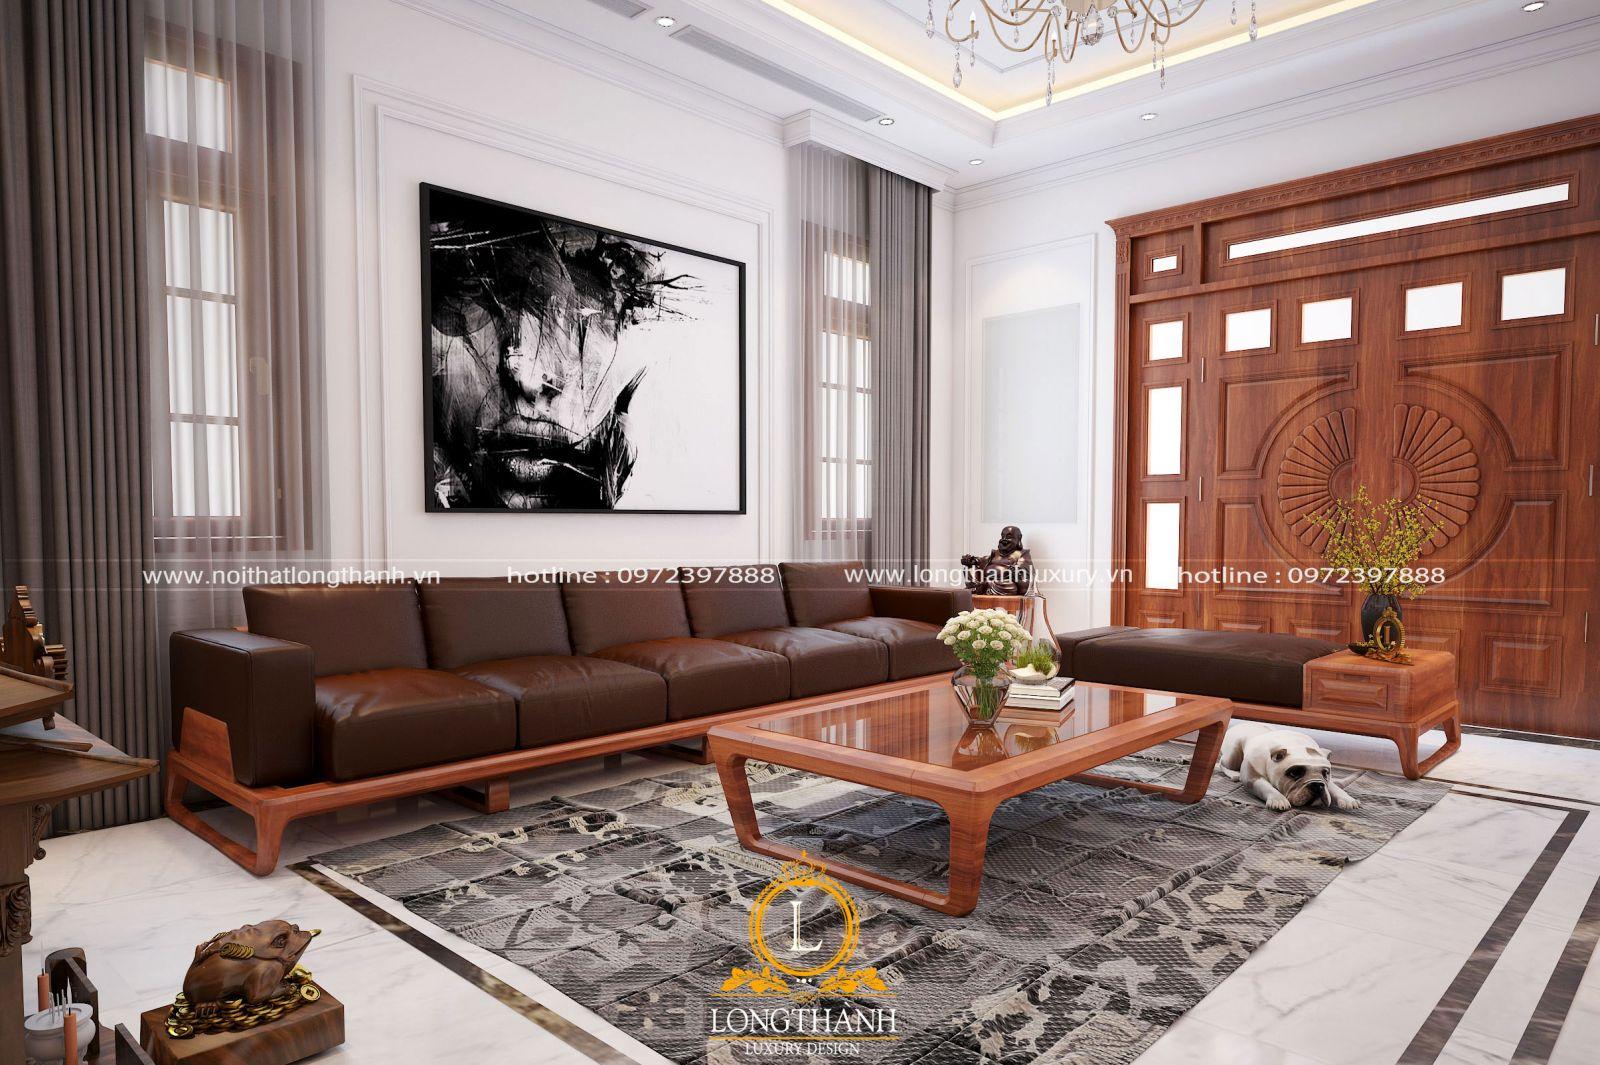 Bố trí nội thất hợp lý làm cho không gian phòng khách thêm tiện nghi